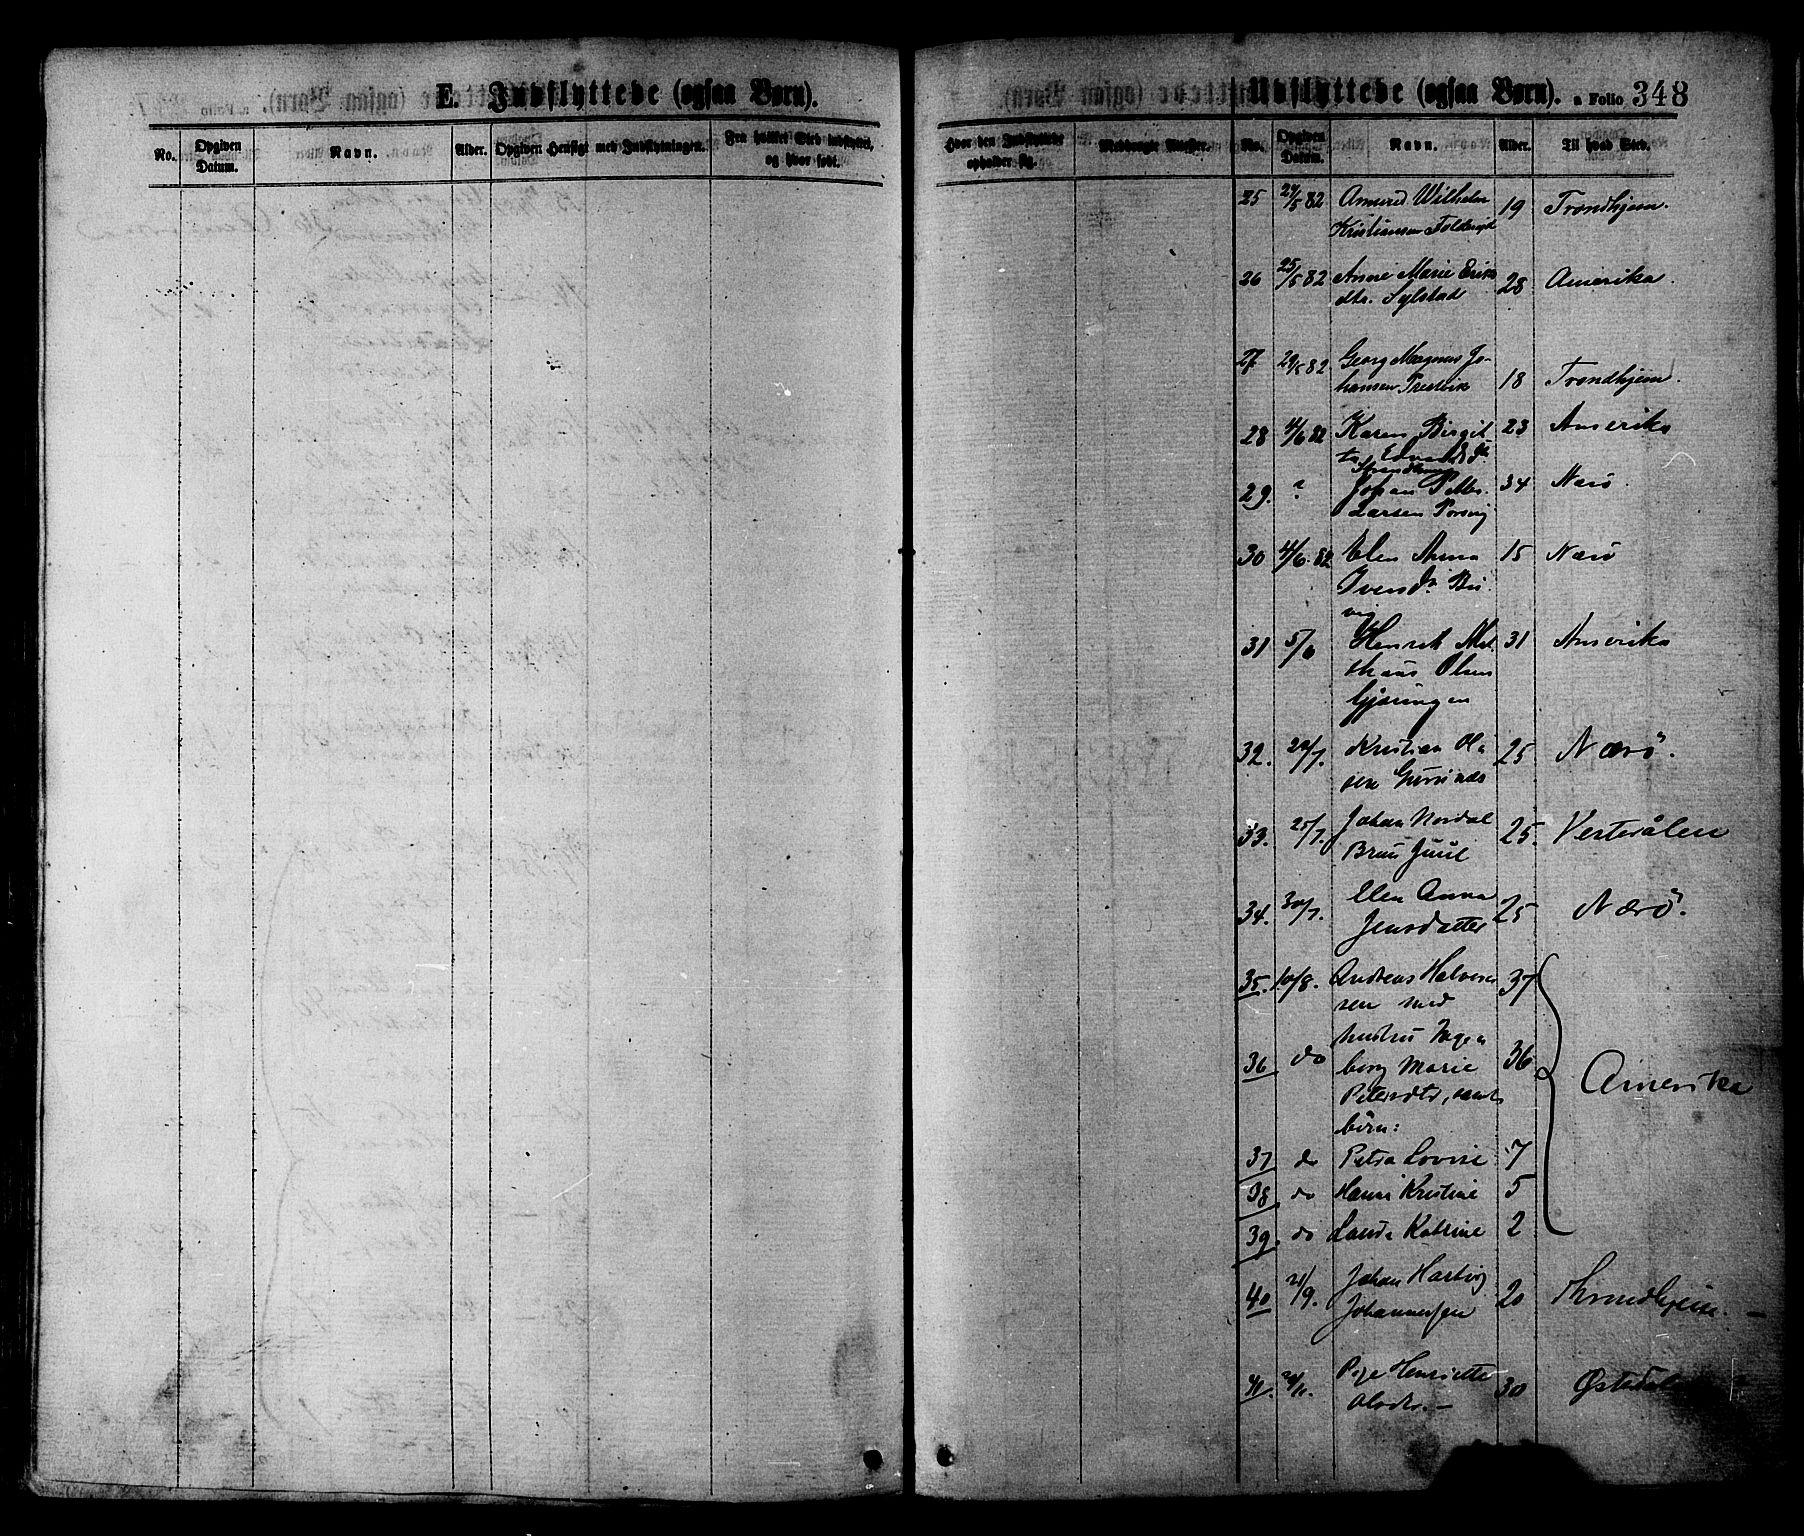 SAT, Ministerialprotokoller, klokkerbøker og fødselsregistre - Nord-Trøndelag, 780/L0642: Ministerialbok nr. 780A07 /1, 1874-1885, s. 348